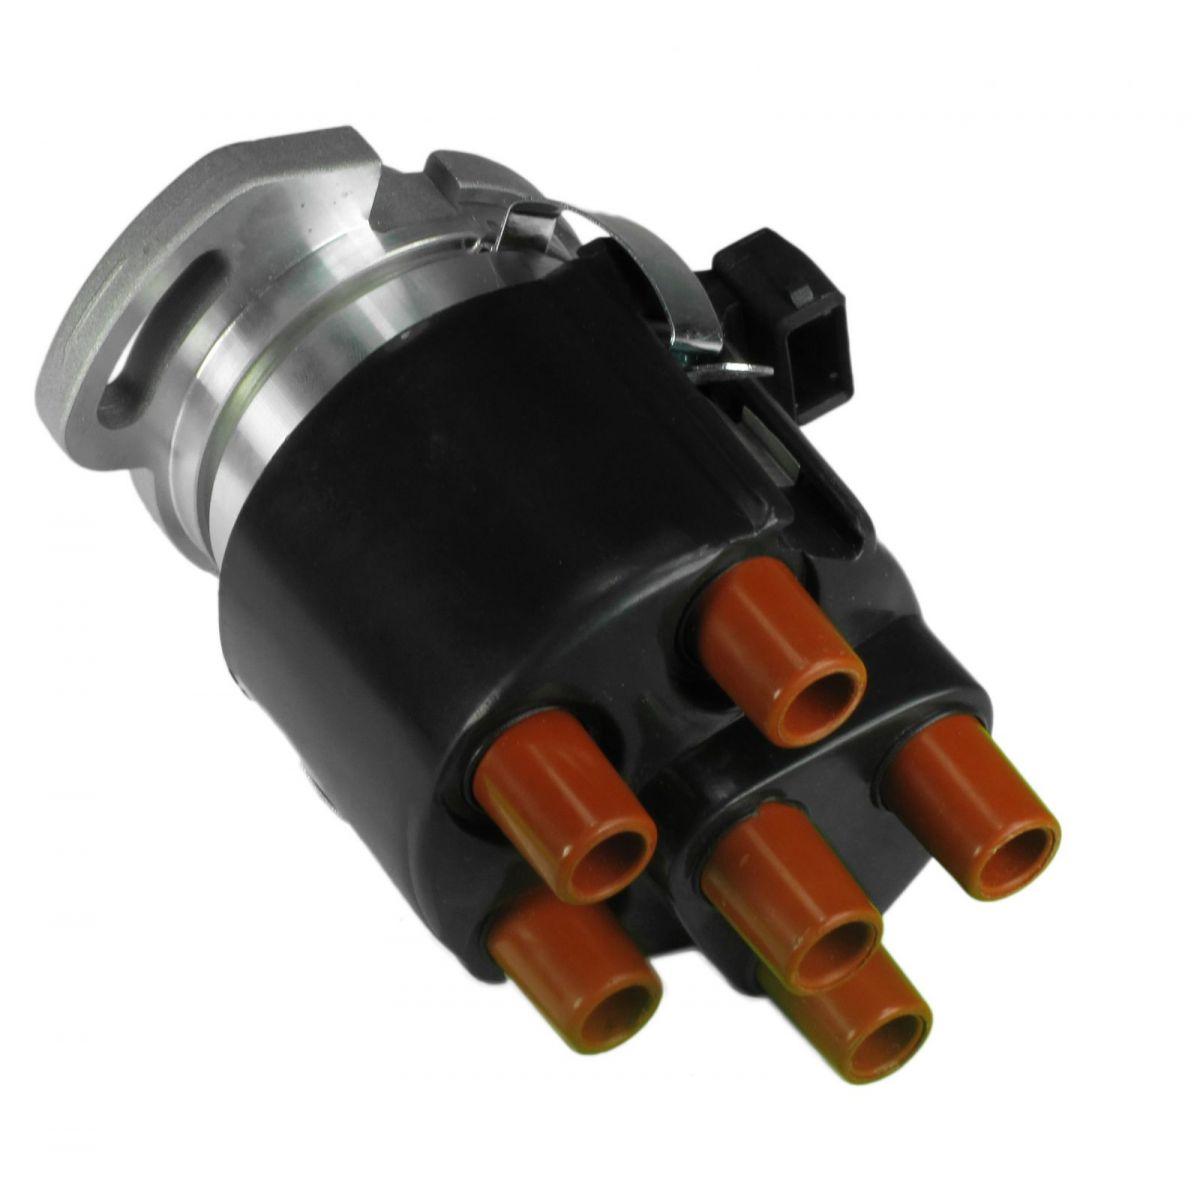 Engine Ignition Distributor for 92-94 Volkswagen Eurovan 2.5L